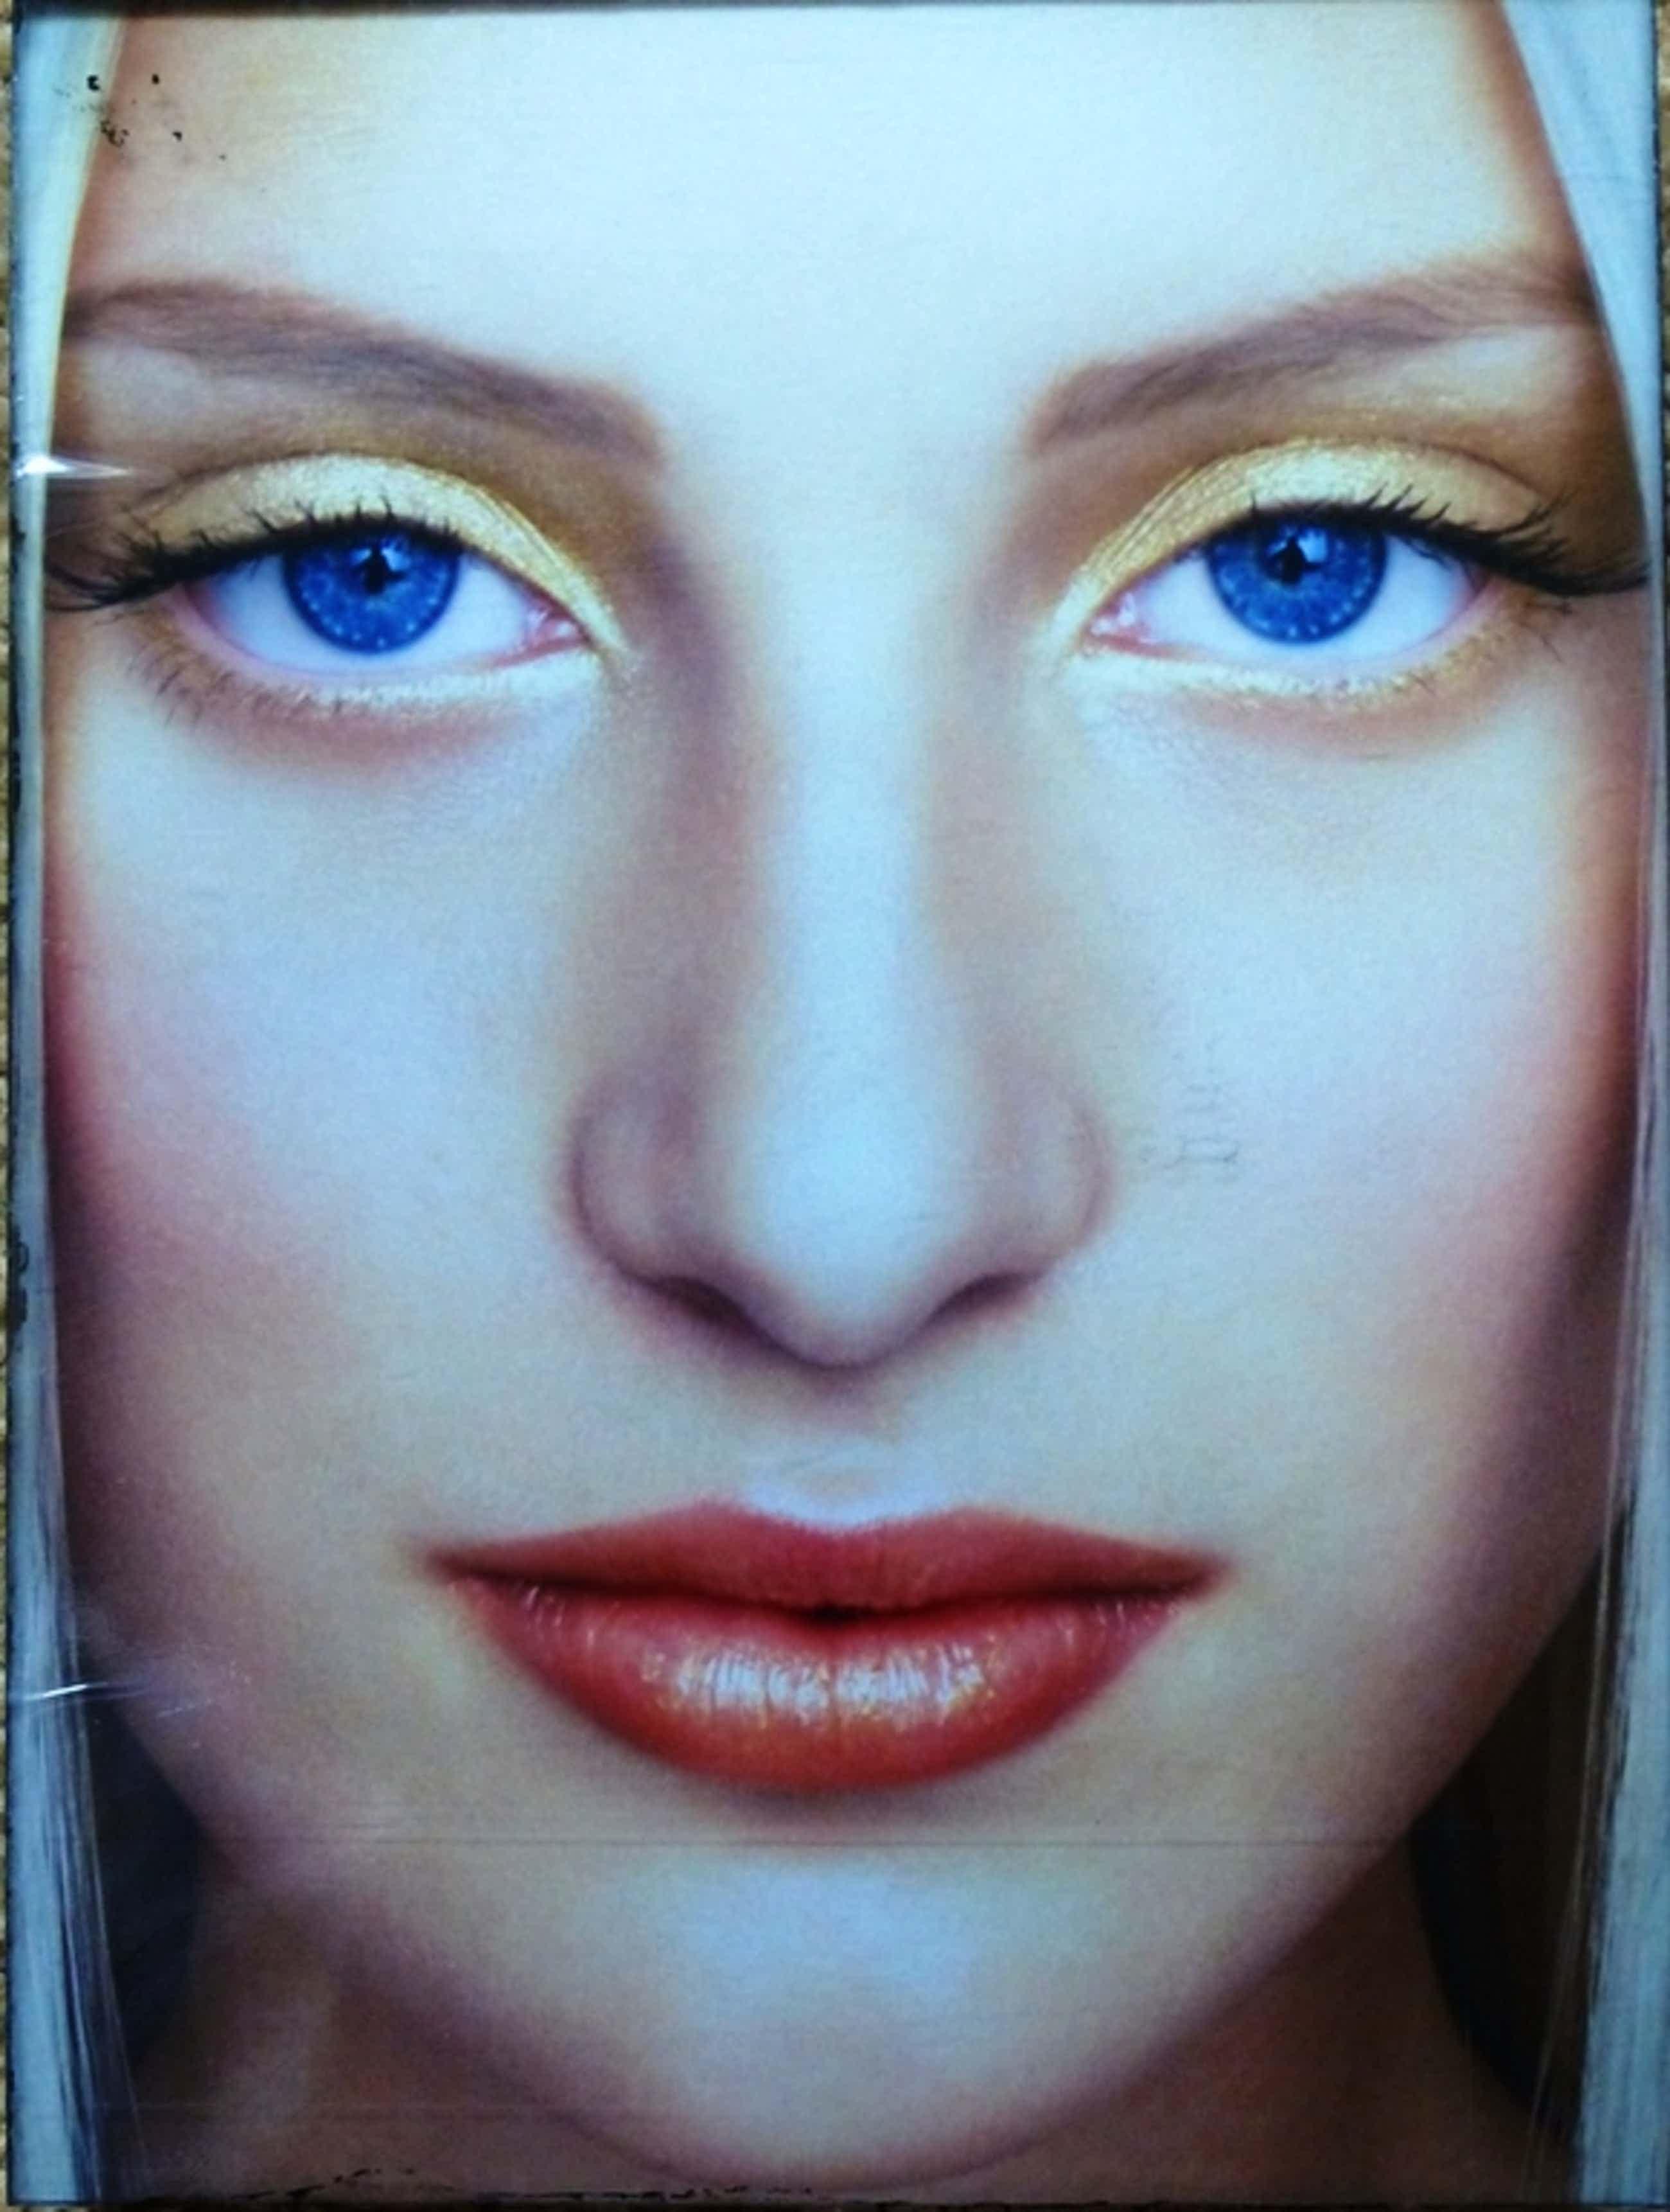 Erwin Olaf, Paradise Portraits:Renee, handgesigneerd en genummerd, 2001 kopen? Bied vanaf 450!